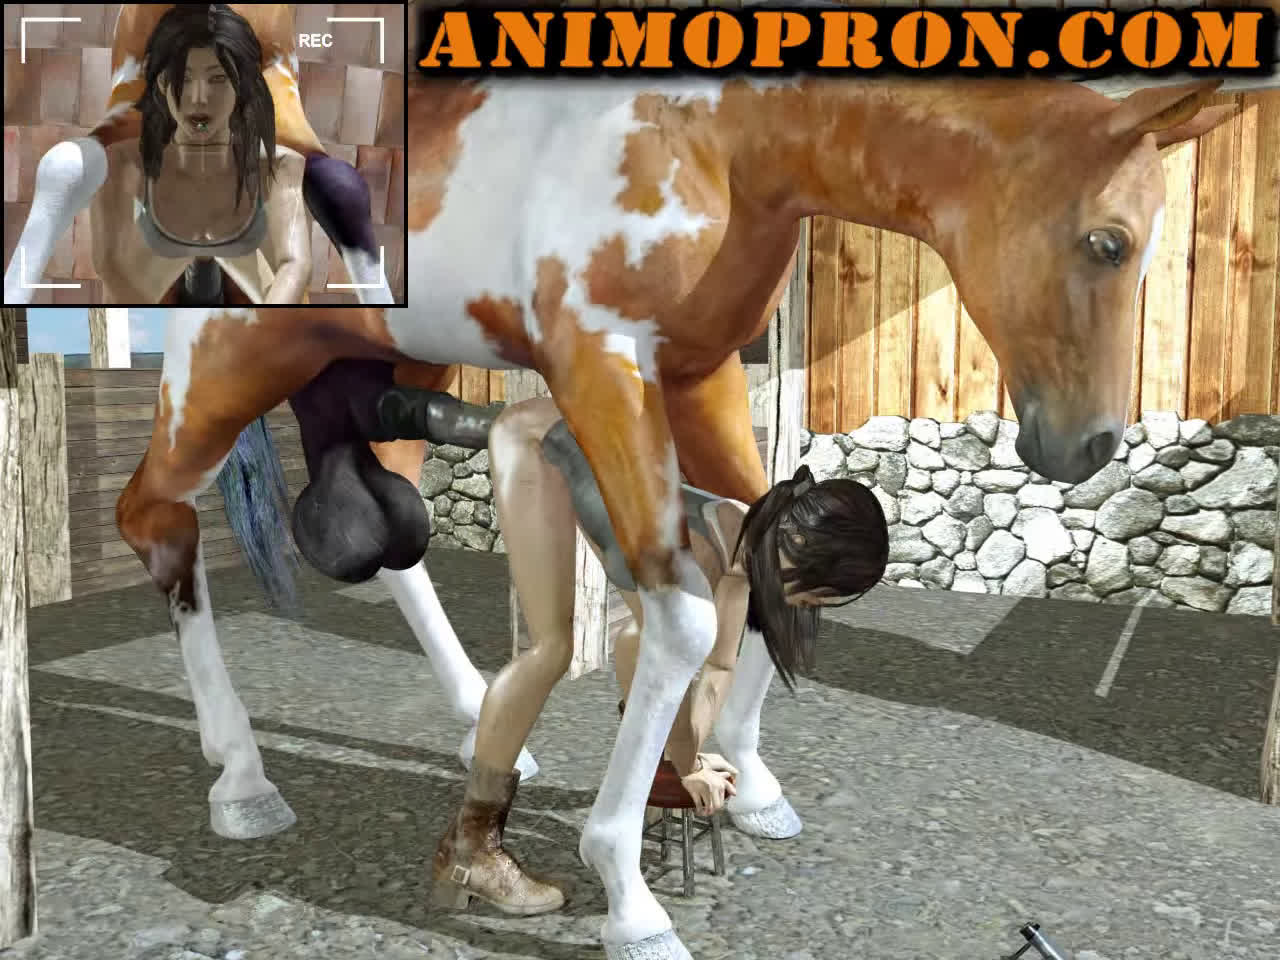 975337: animopron - e621